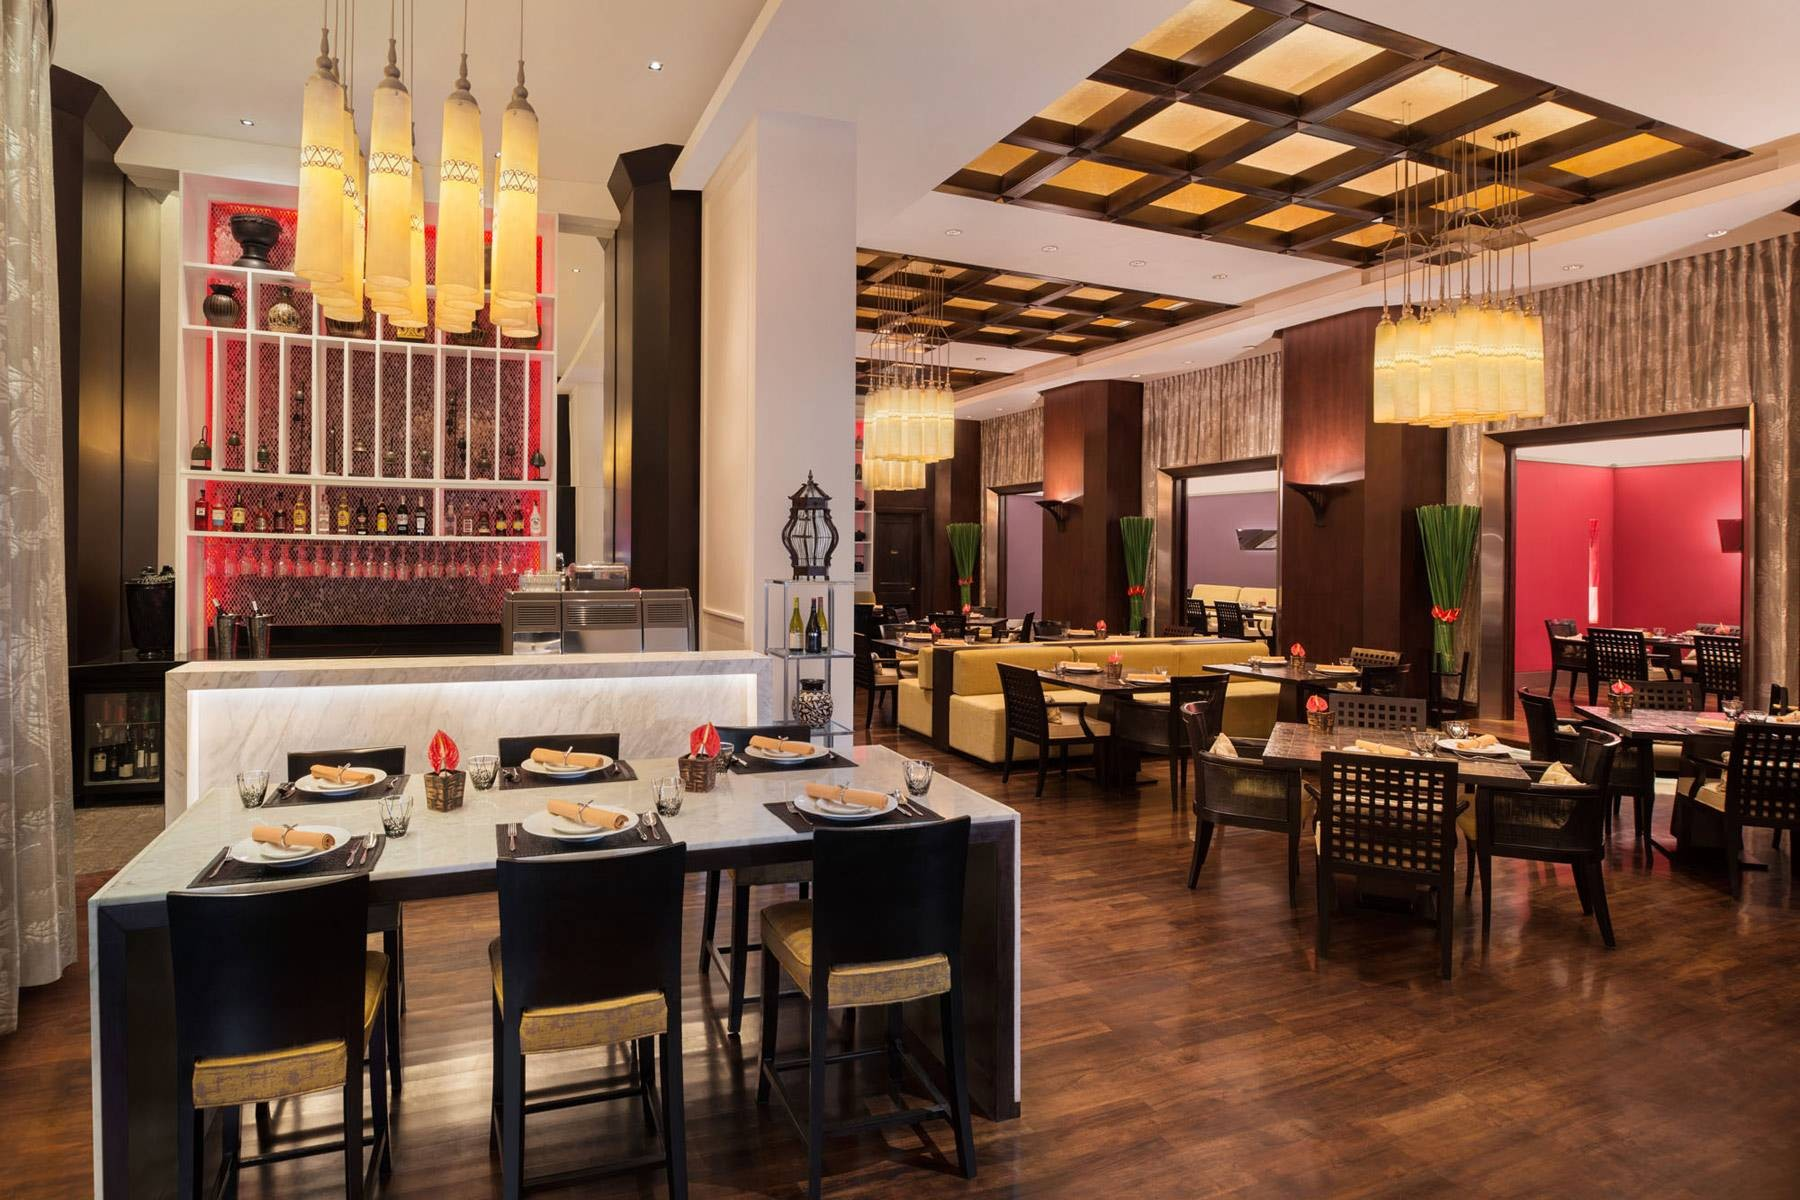 Basil โรงแรมเชอราตัน แกรนด์ สุขุมวิท